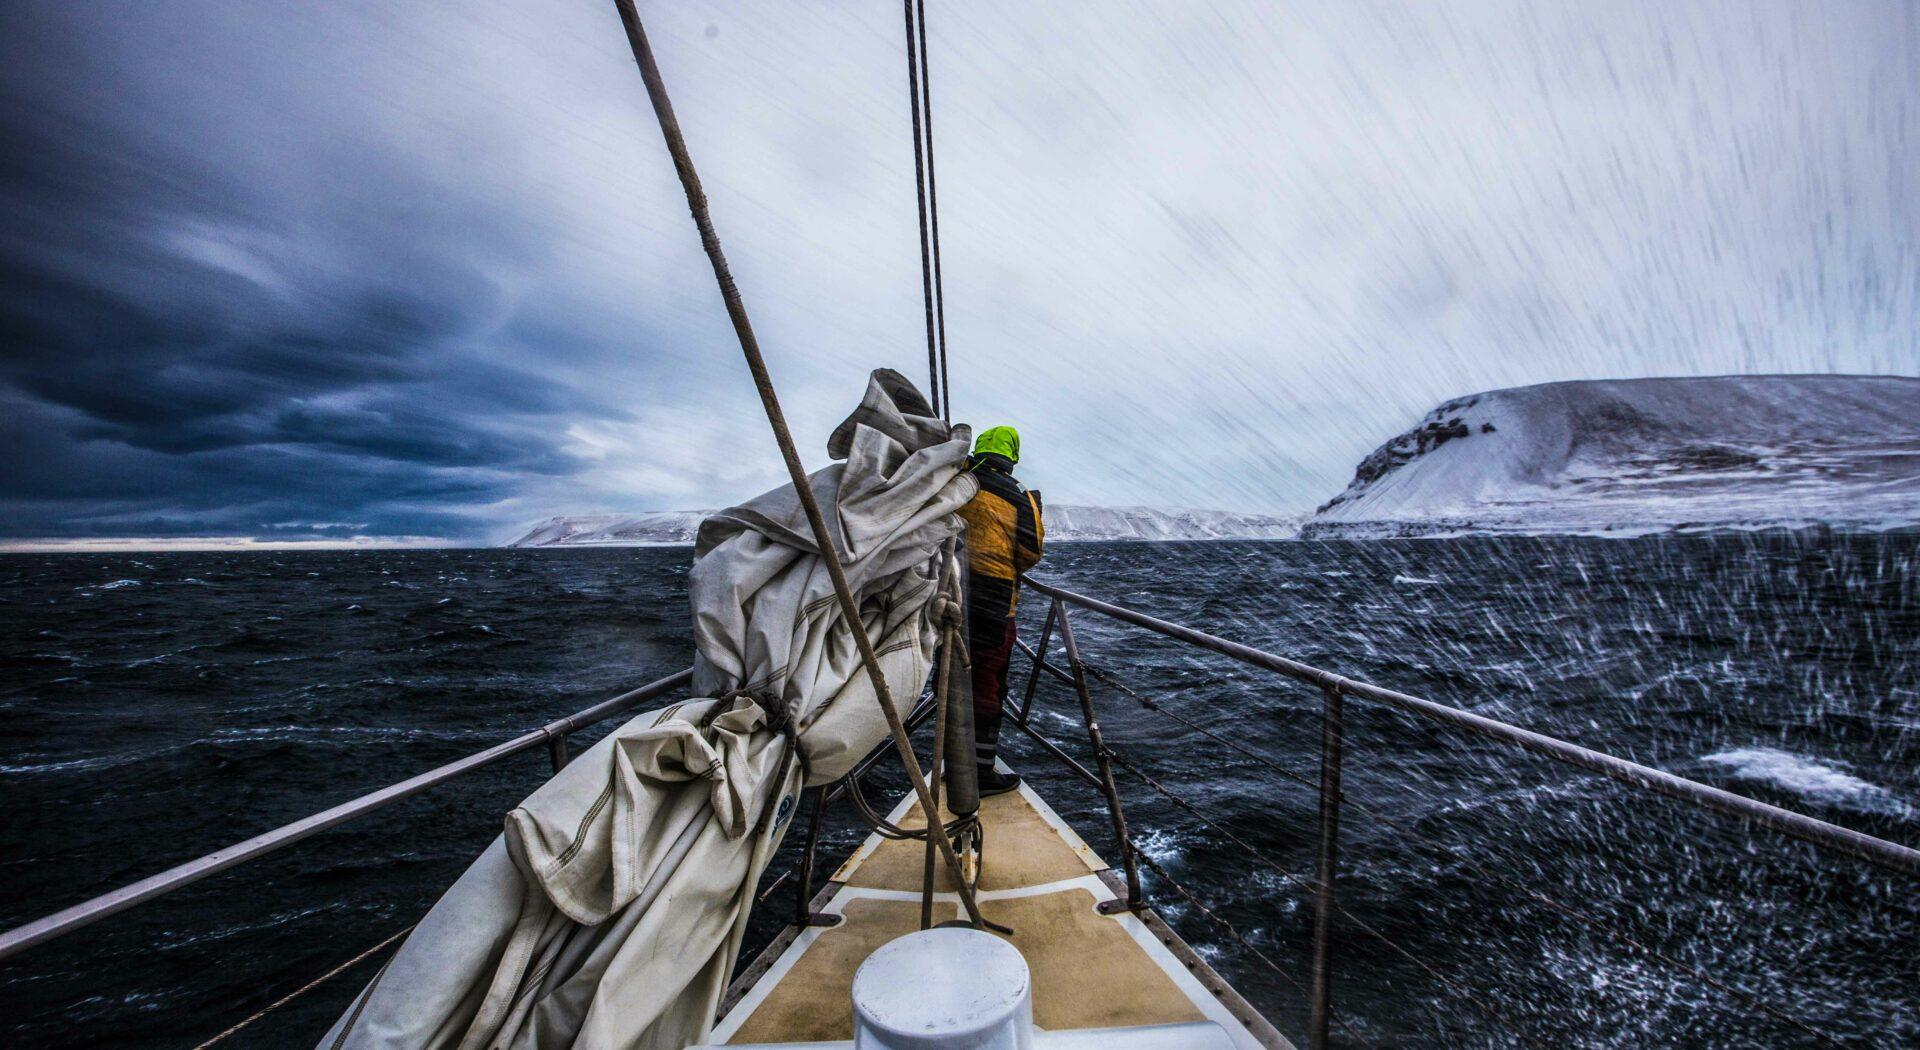 Vi fikk straks erfare at seilforholdene i Arktis kan være svært strabasiöse. Foto; Ben Cooke